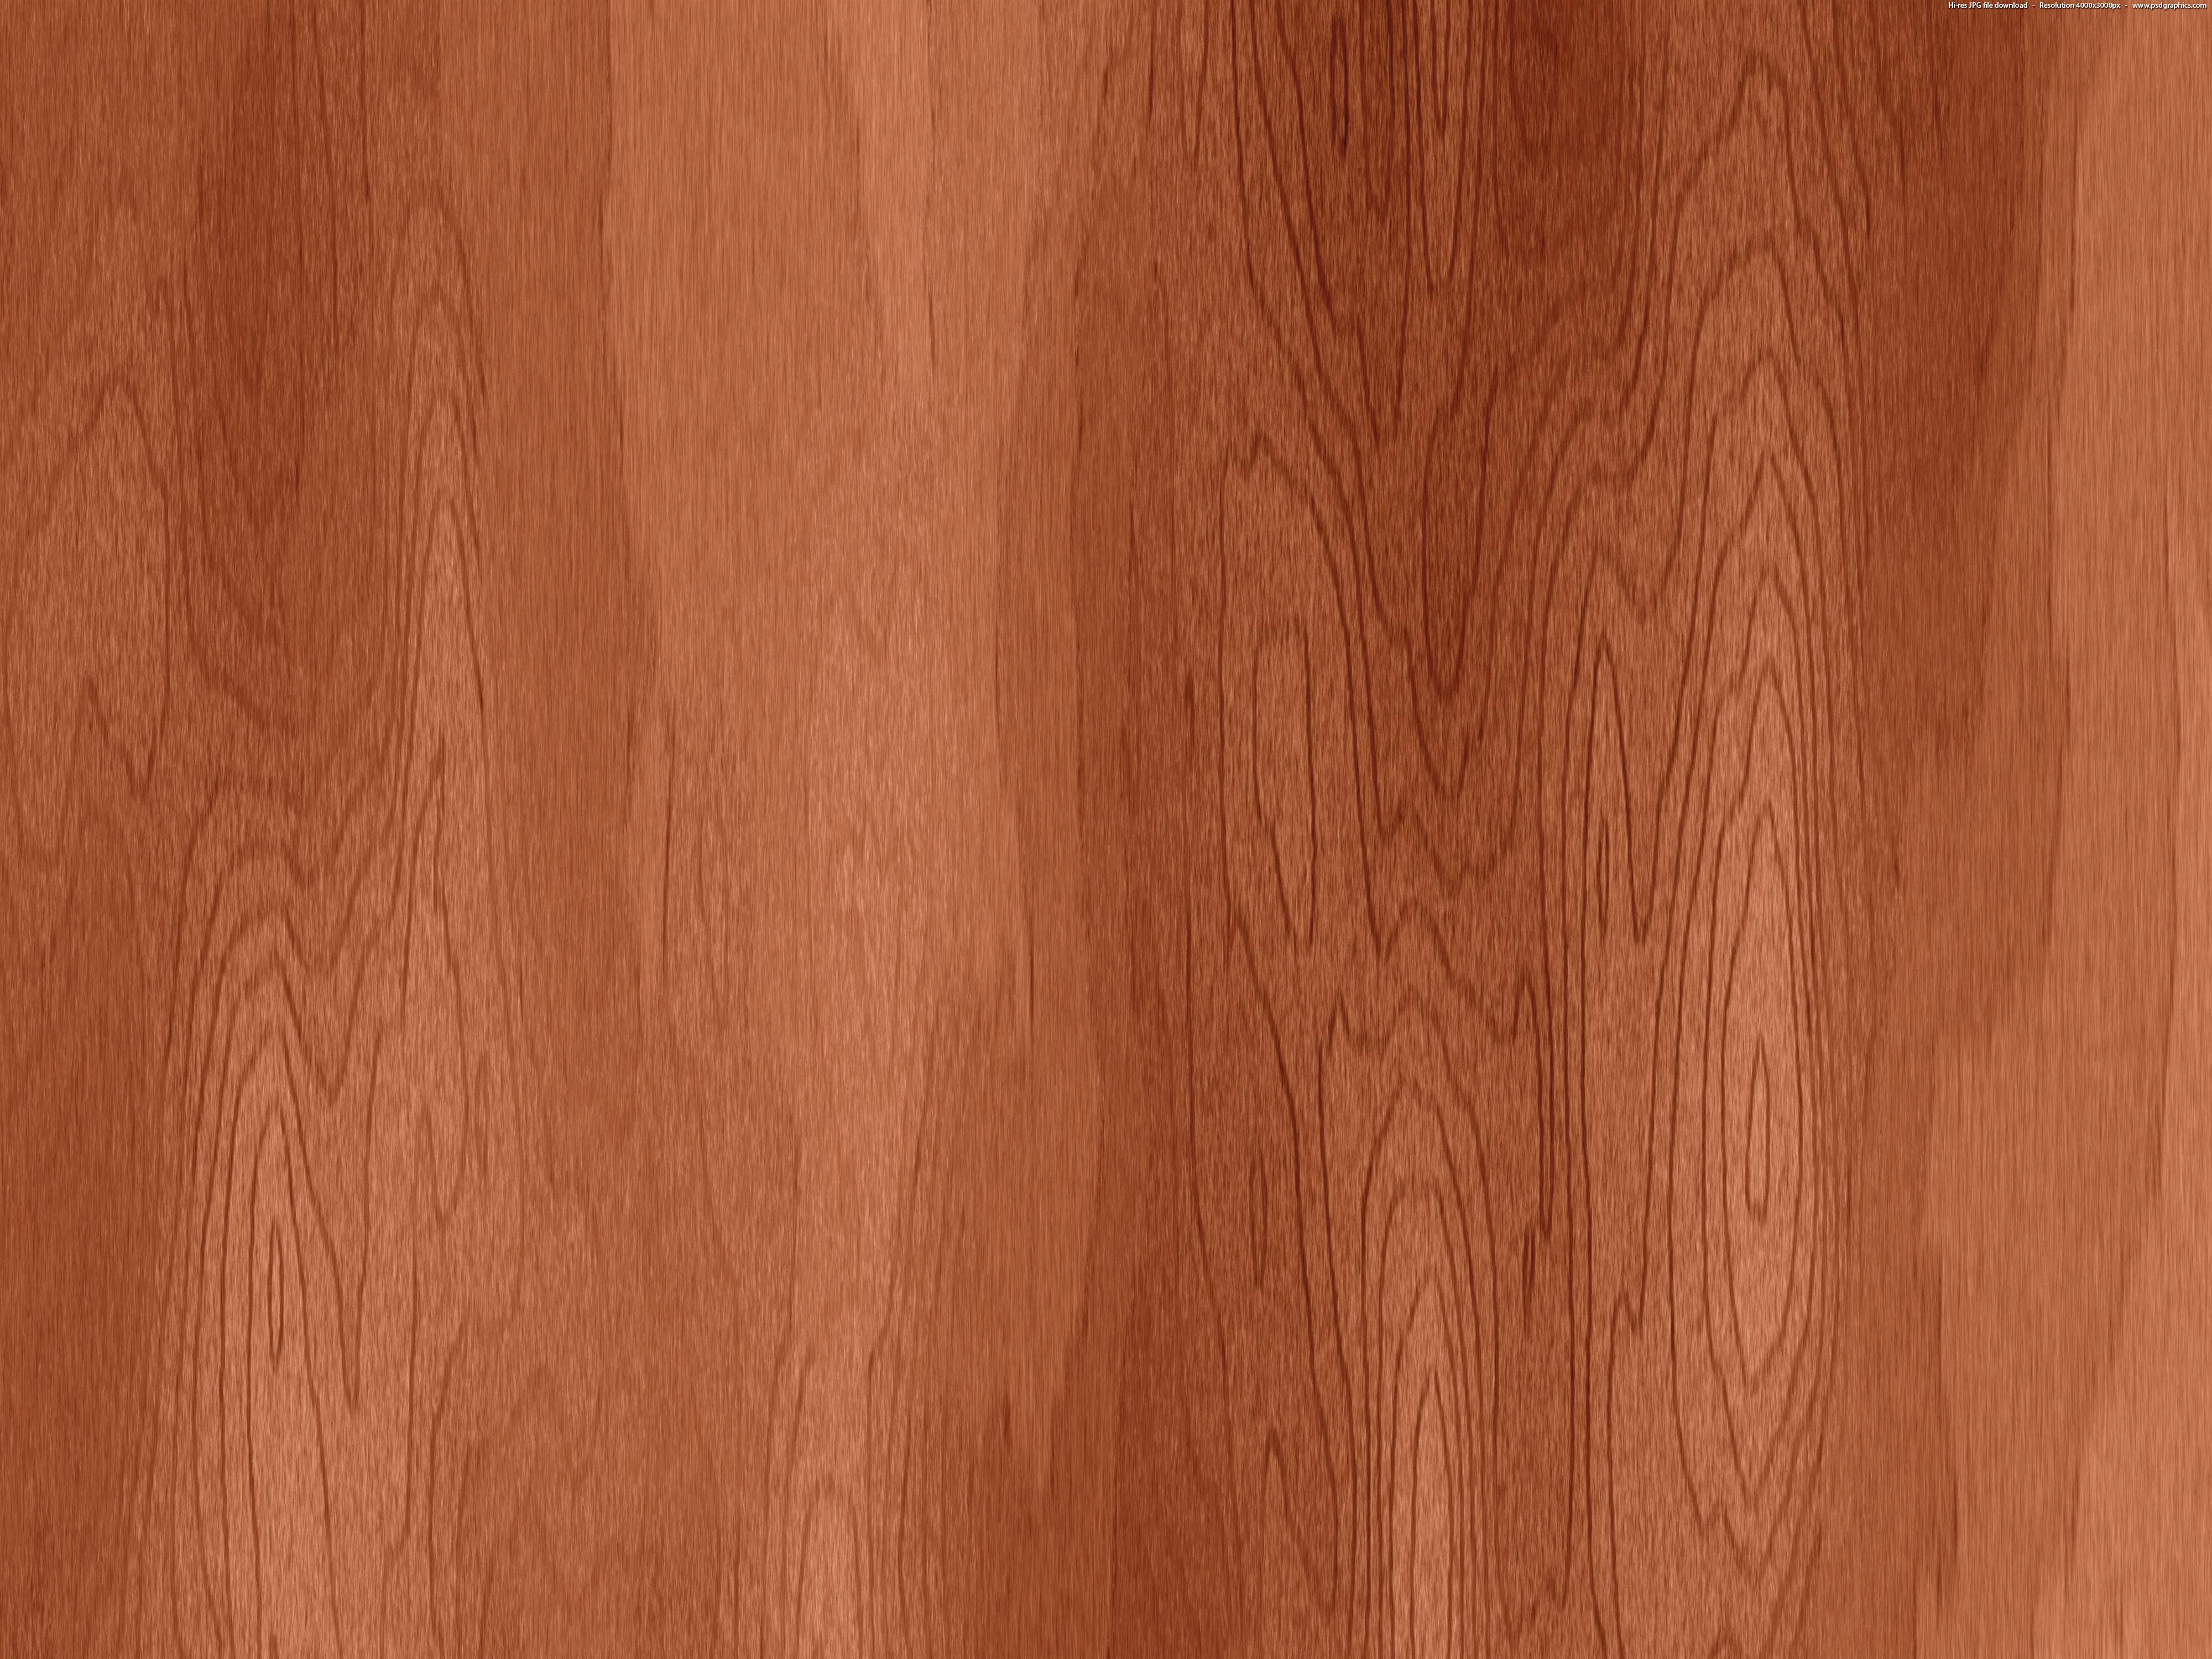 Cherry Wood Texture Psdgraphics